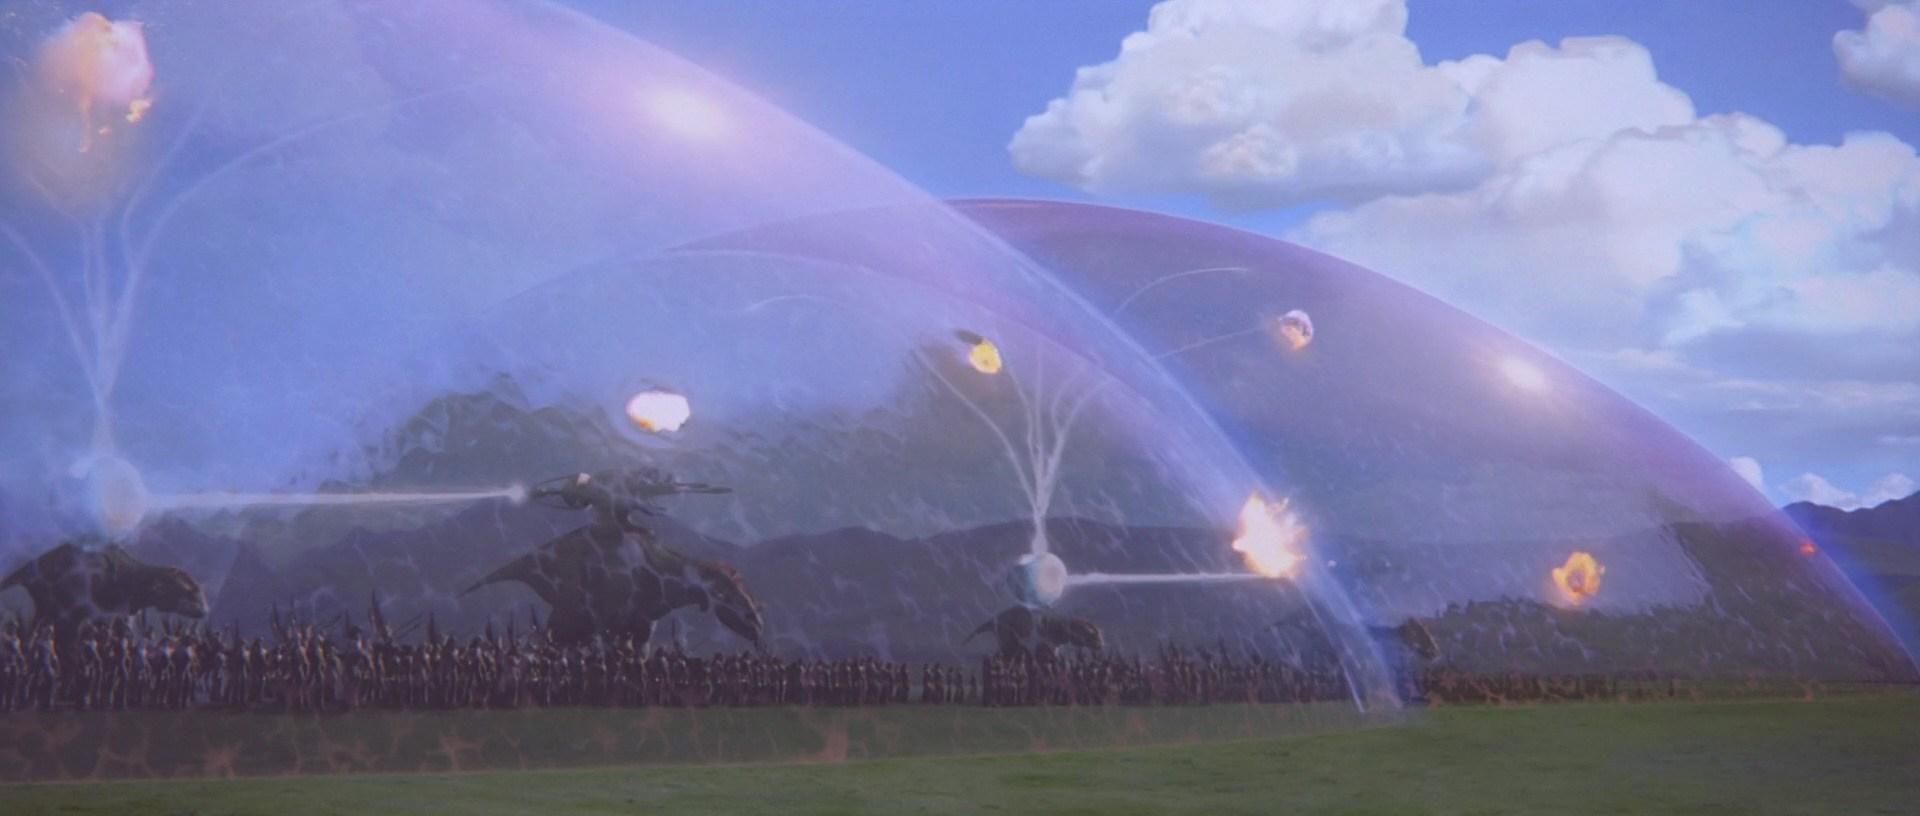 https://www.starwars-universe.com/science_et_sw/images/bouclier/bouclier1.jpg